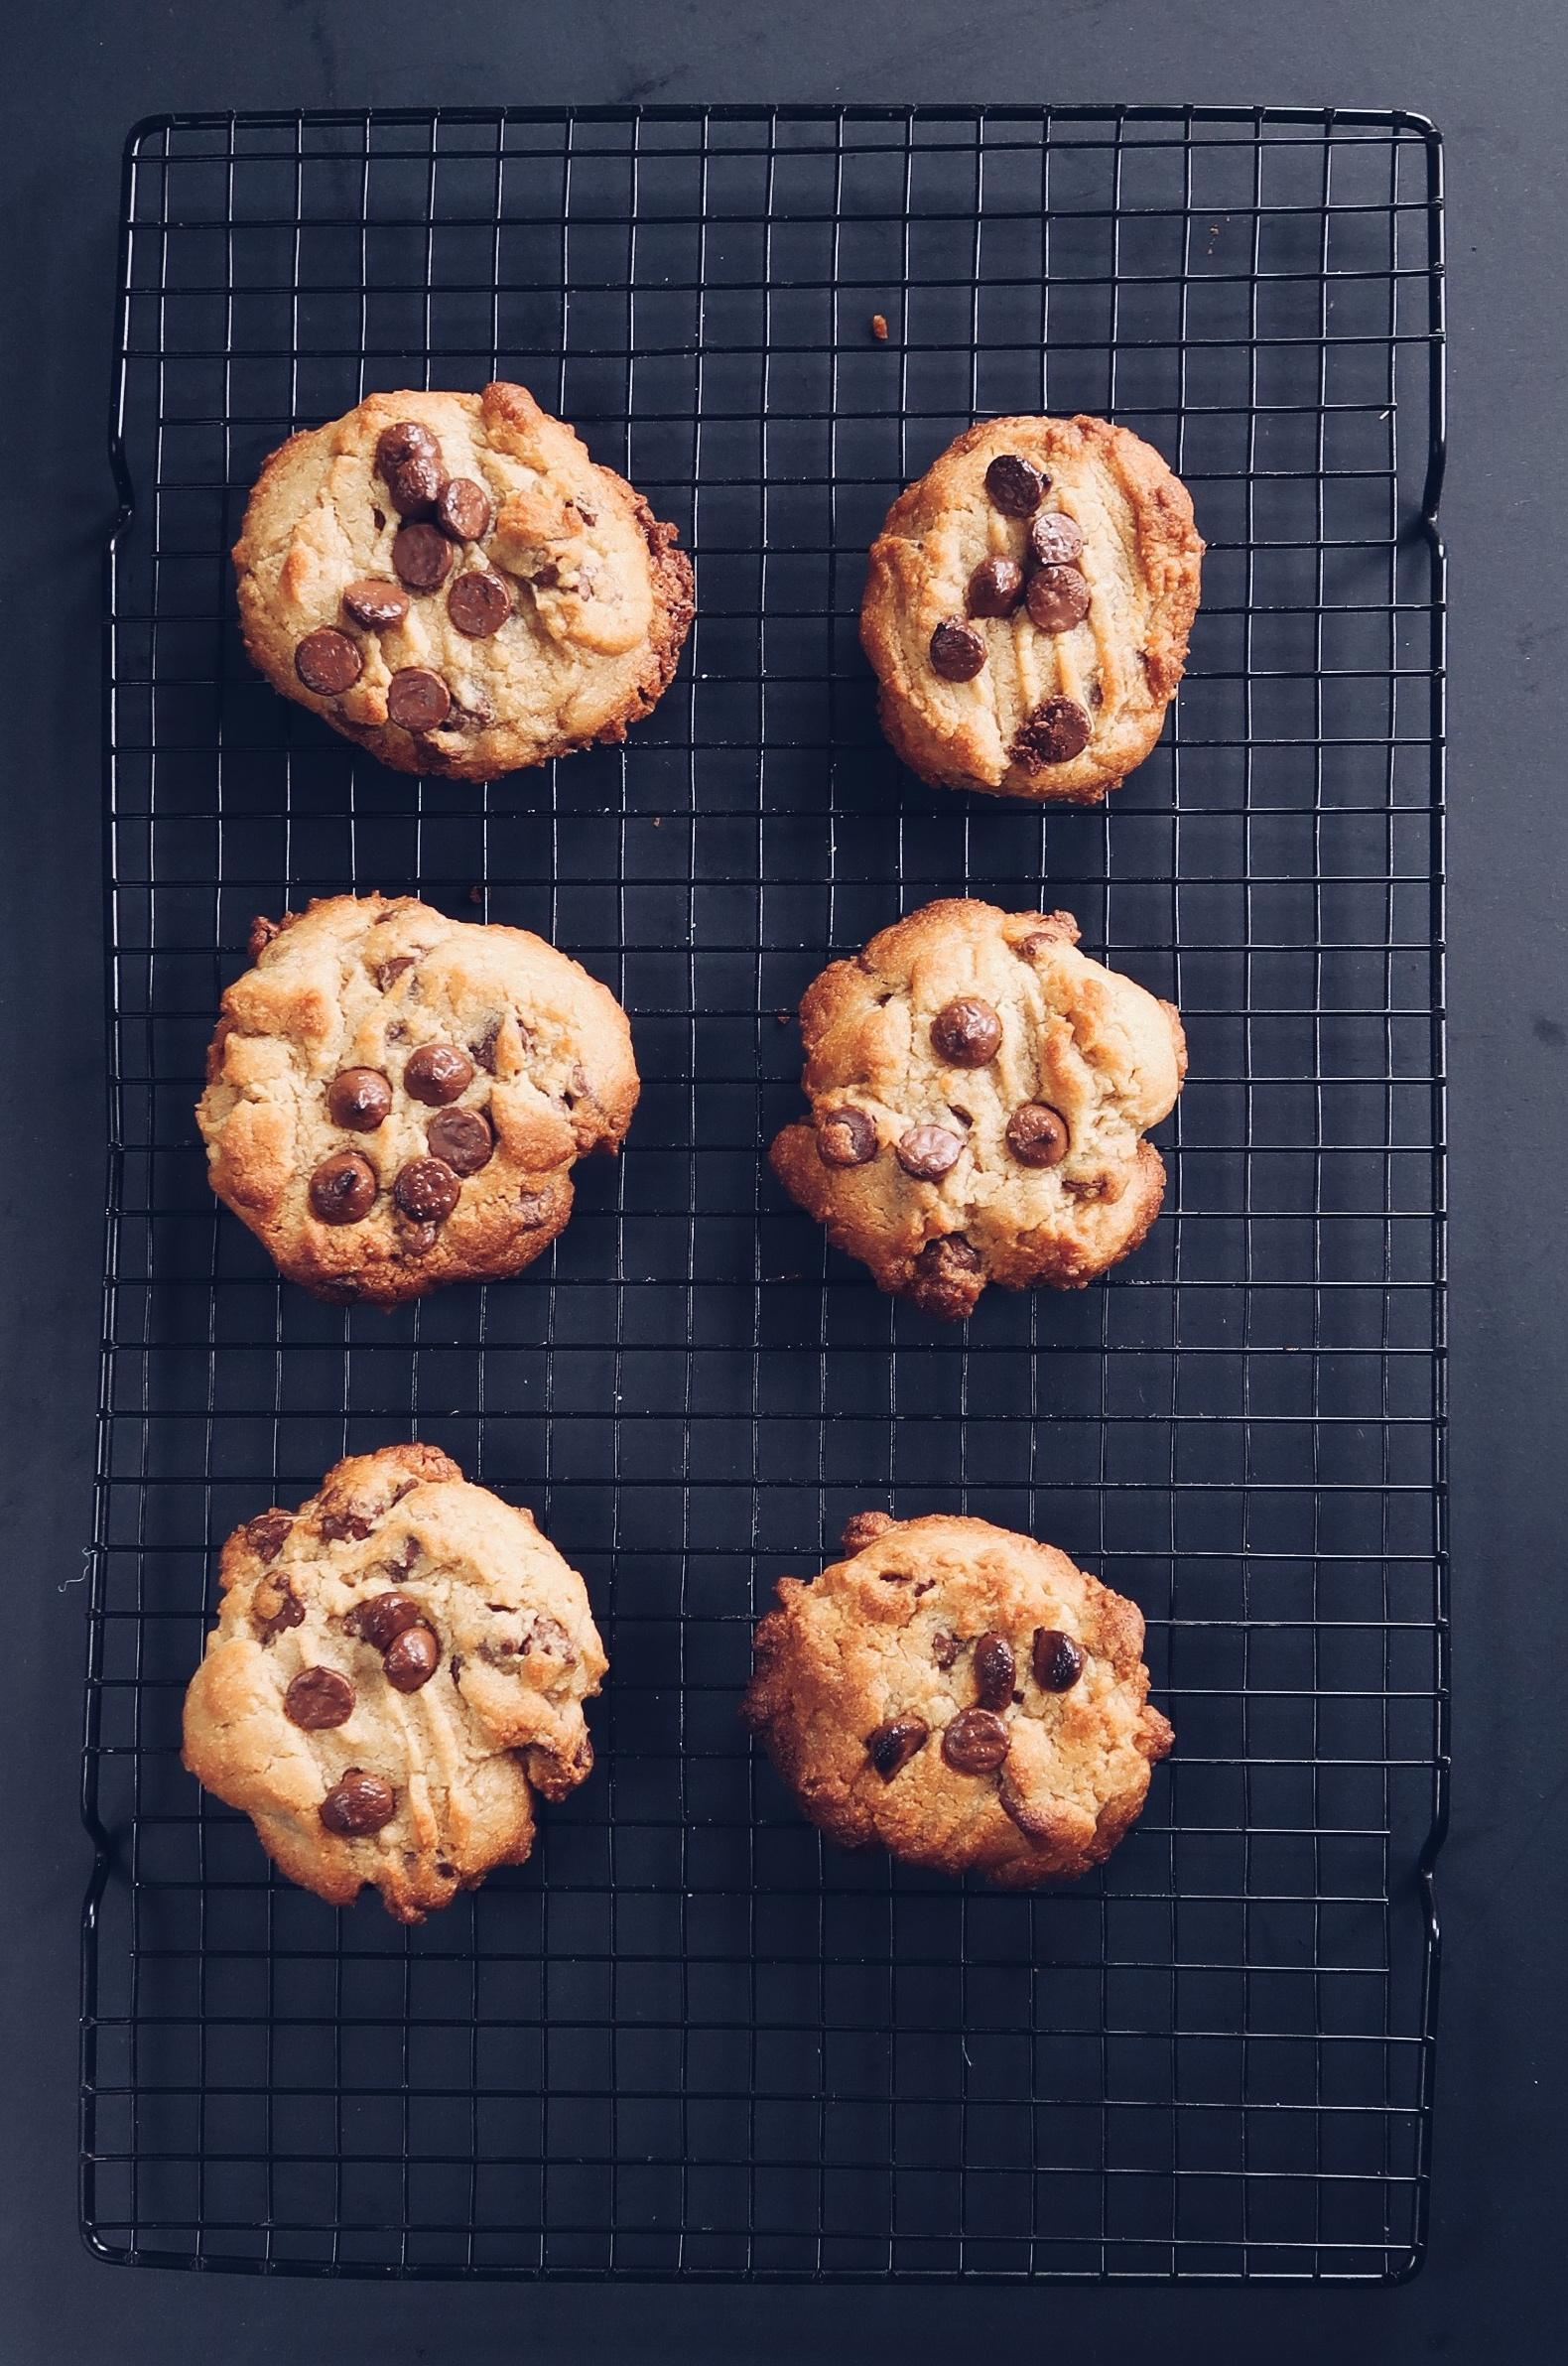 HQ_chocchipcookie